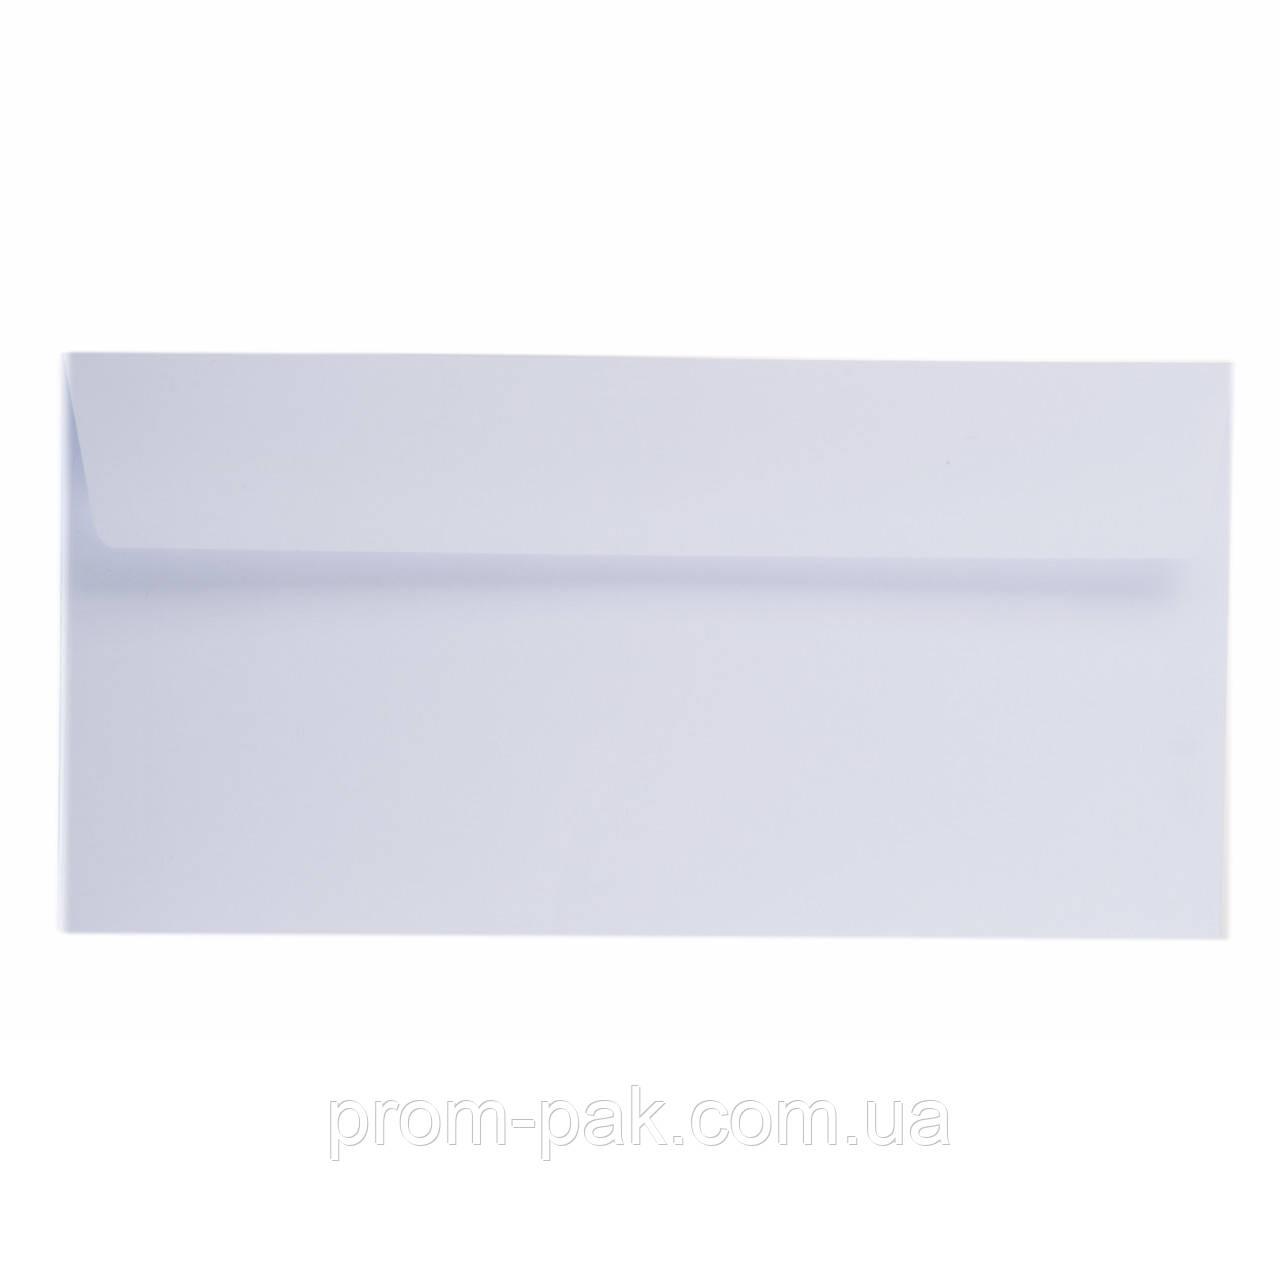 Конверт почтовый  С65 ОЛ (евро)